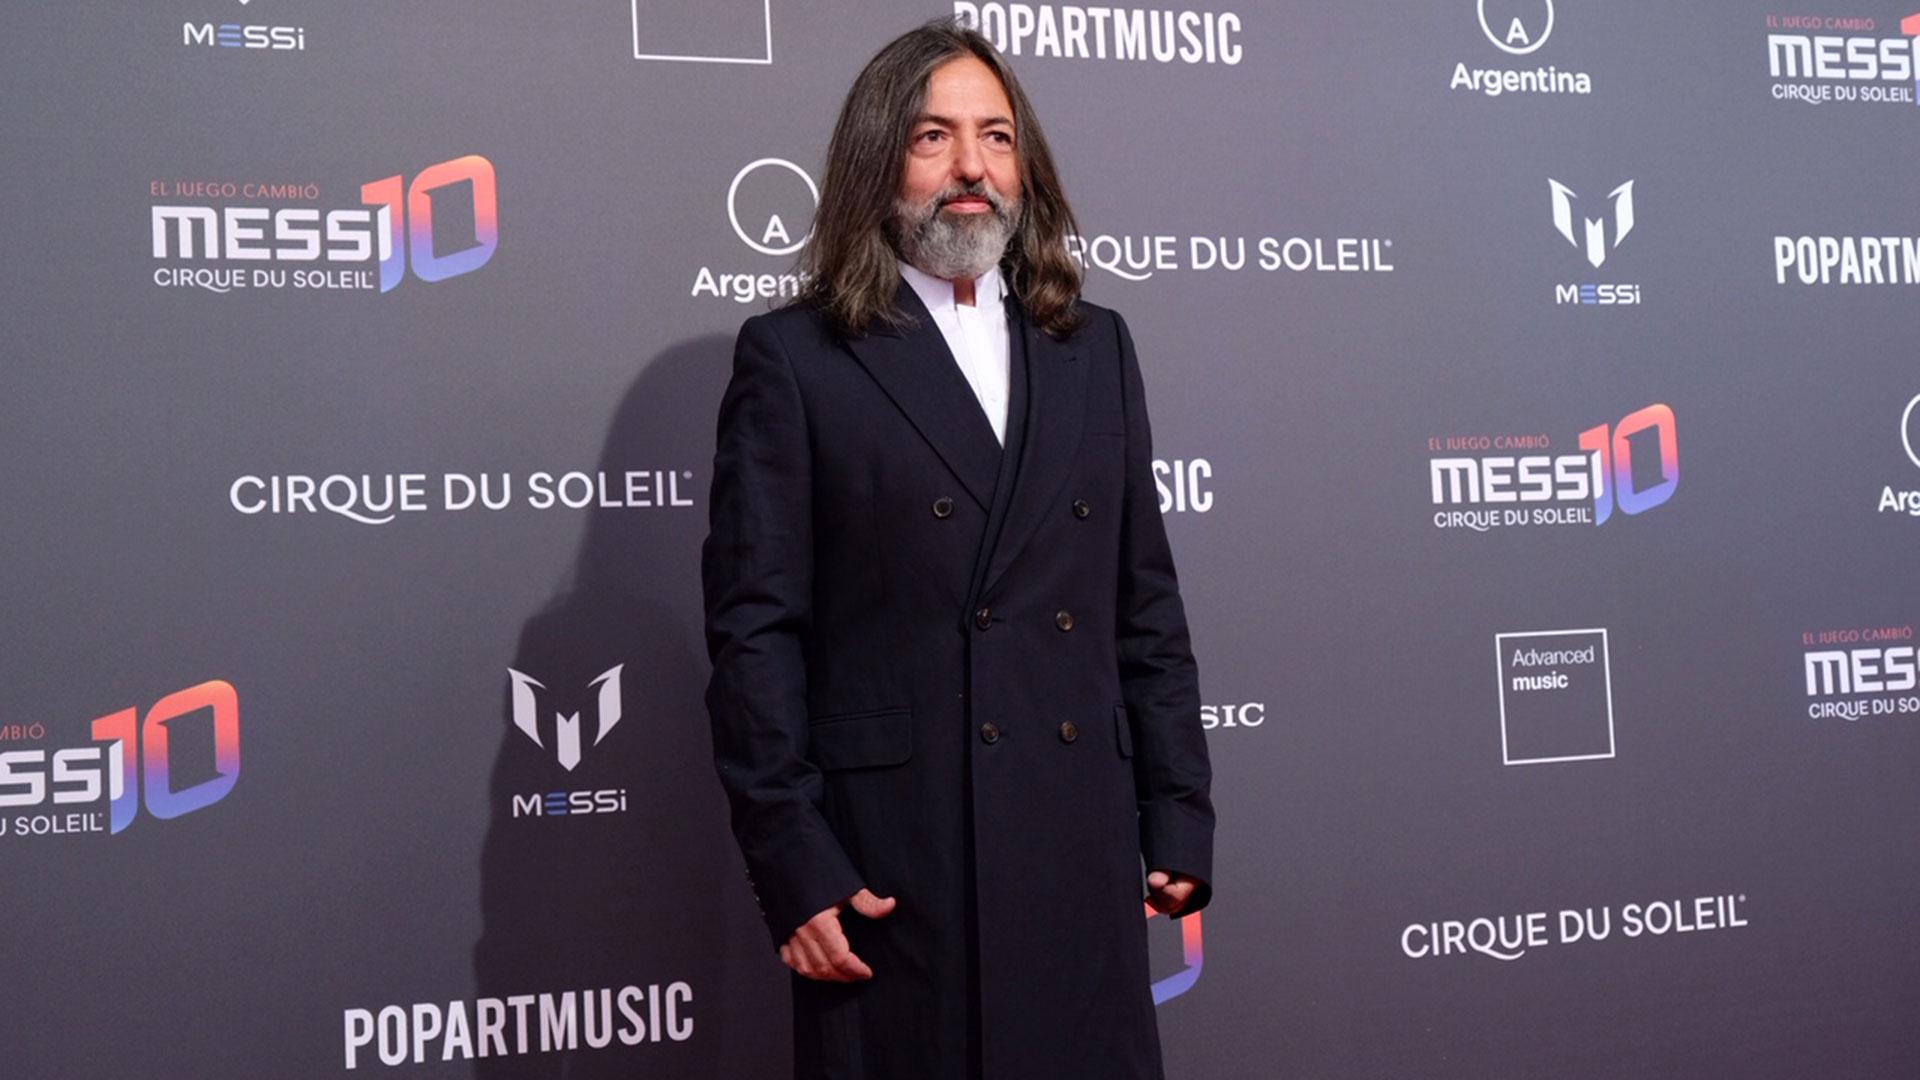 El cantante argentino Adrián Dárgelos